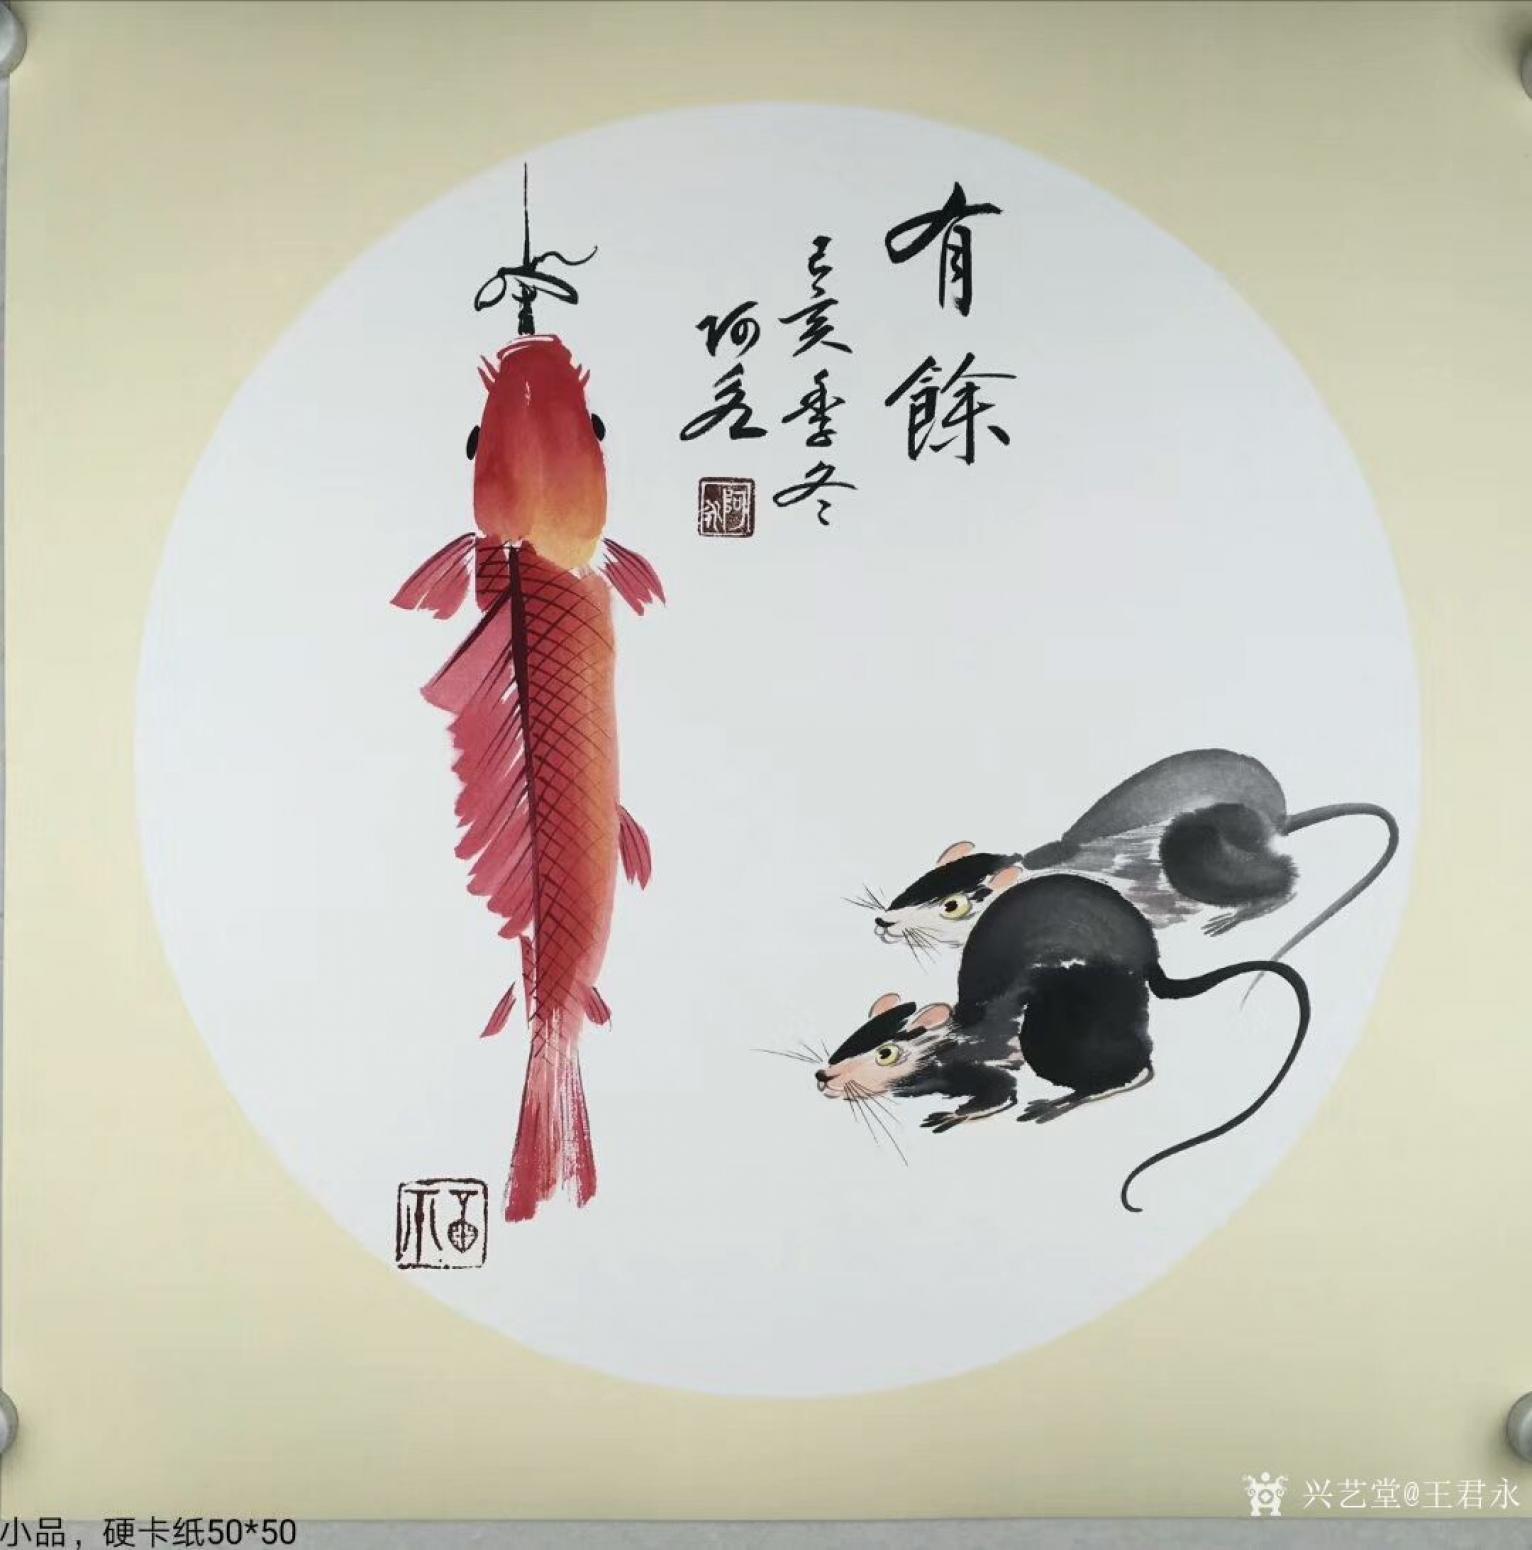 王君永国画作品《动物老鼠-有余》